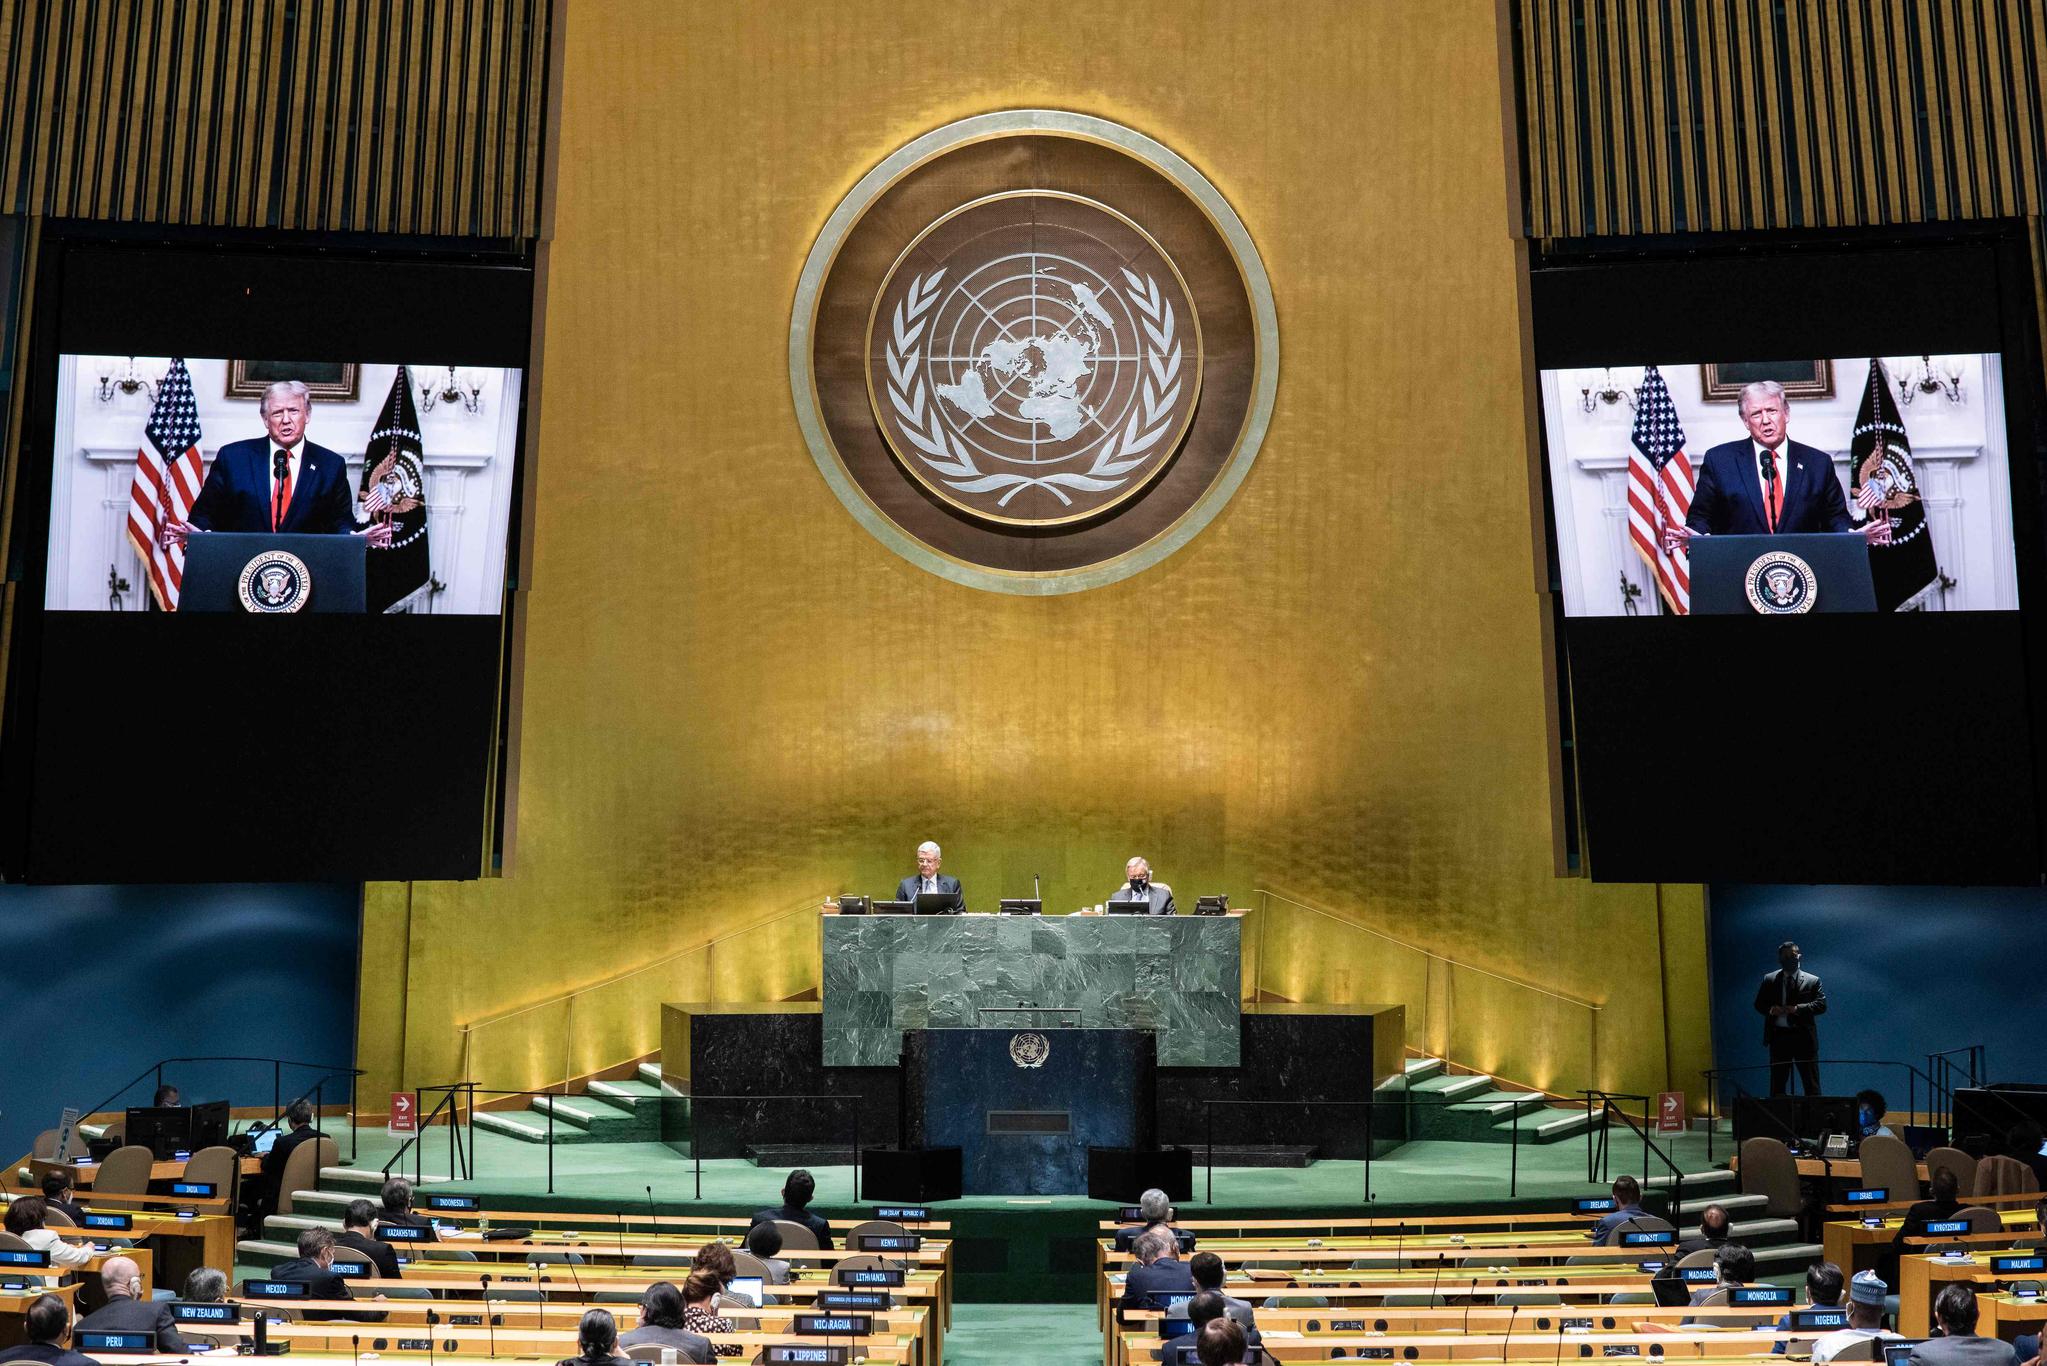 미국 뉴욕에서 열린 제75차 유엔총회에서 도널드 트럼프 미국 대통령의 화상연설이 진행되고 있다. AFP=연합뉴스